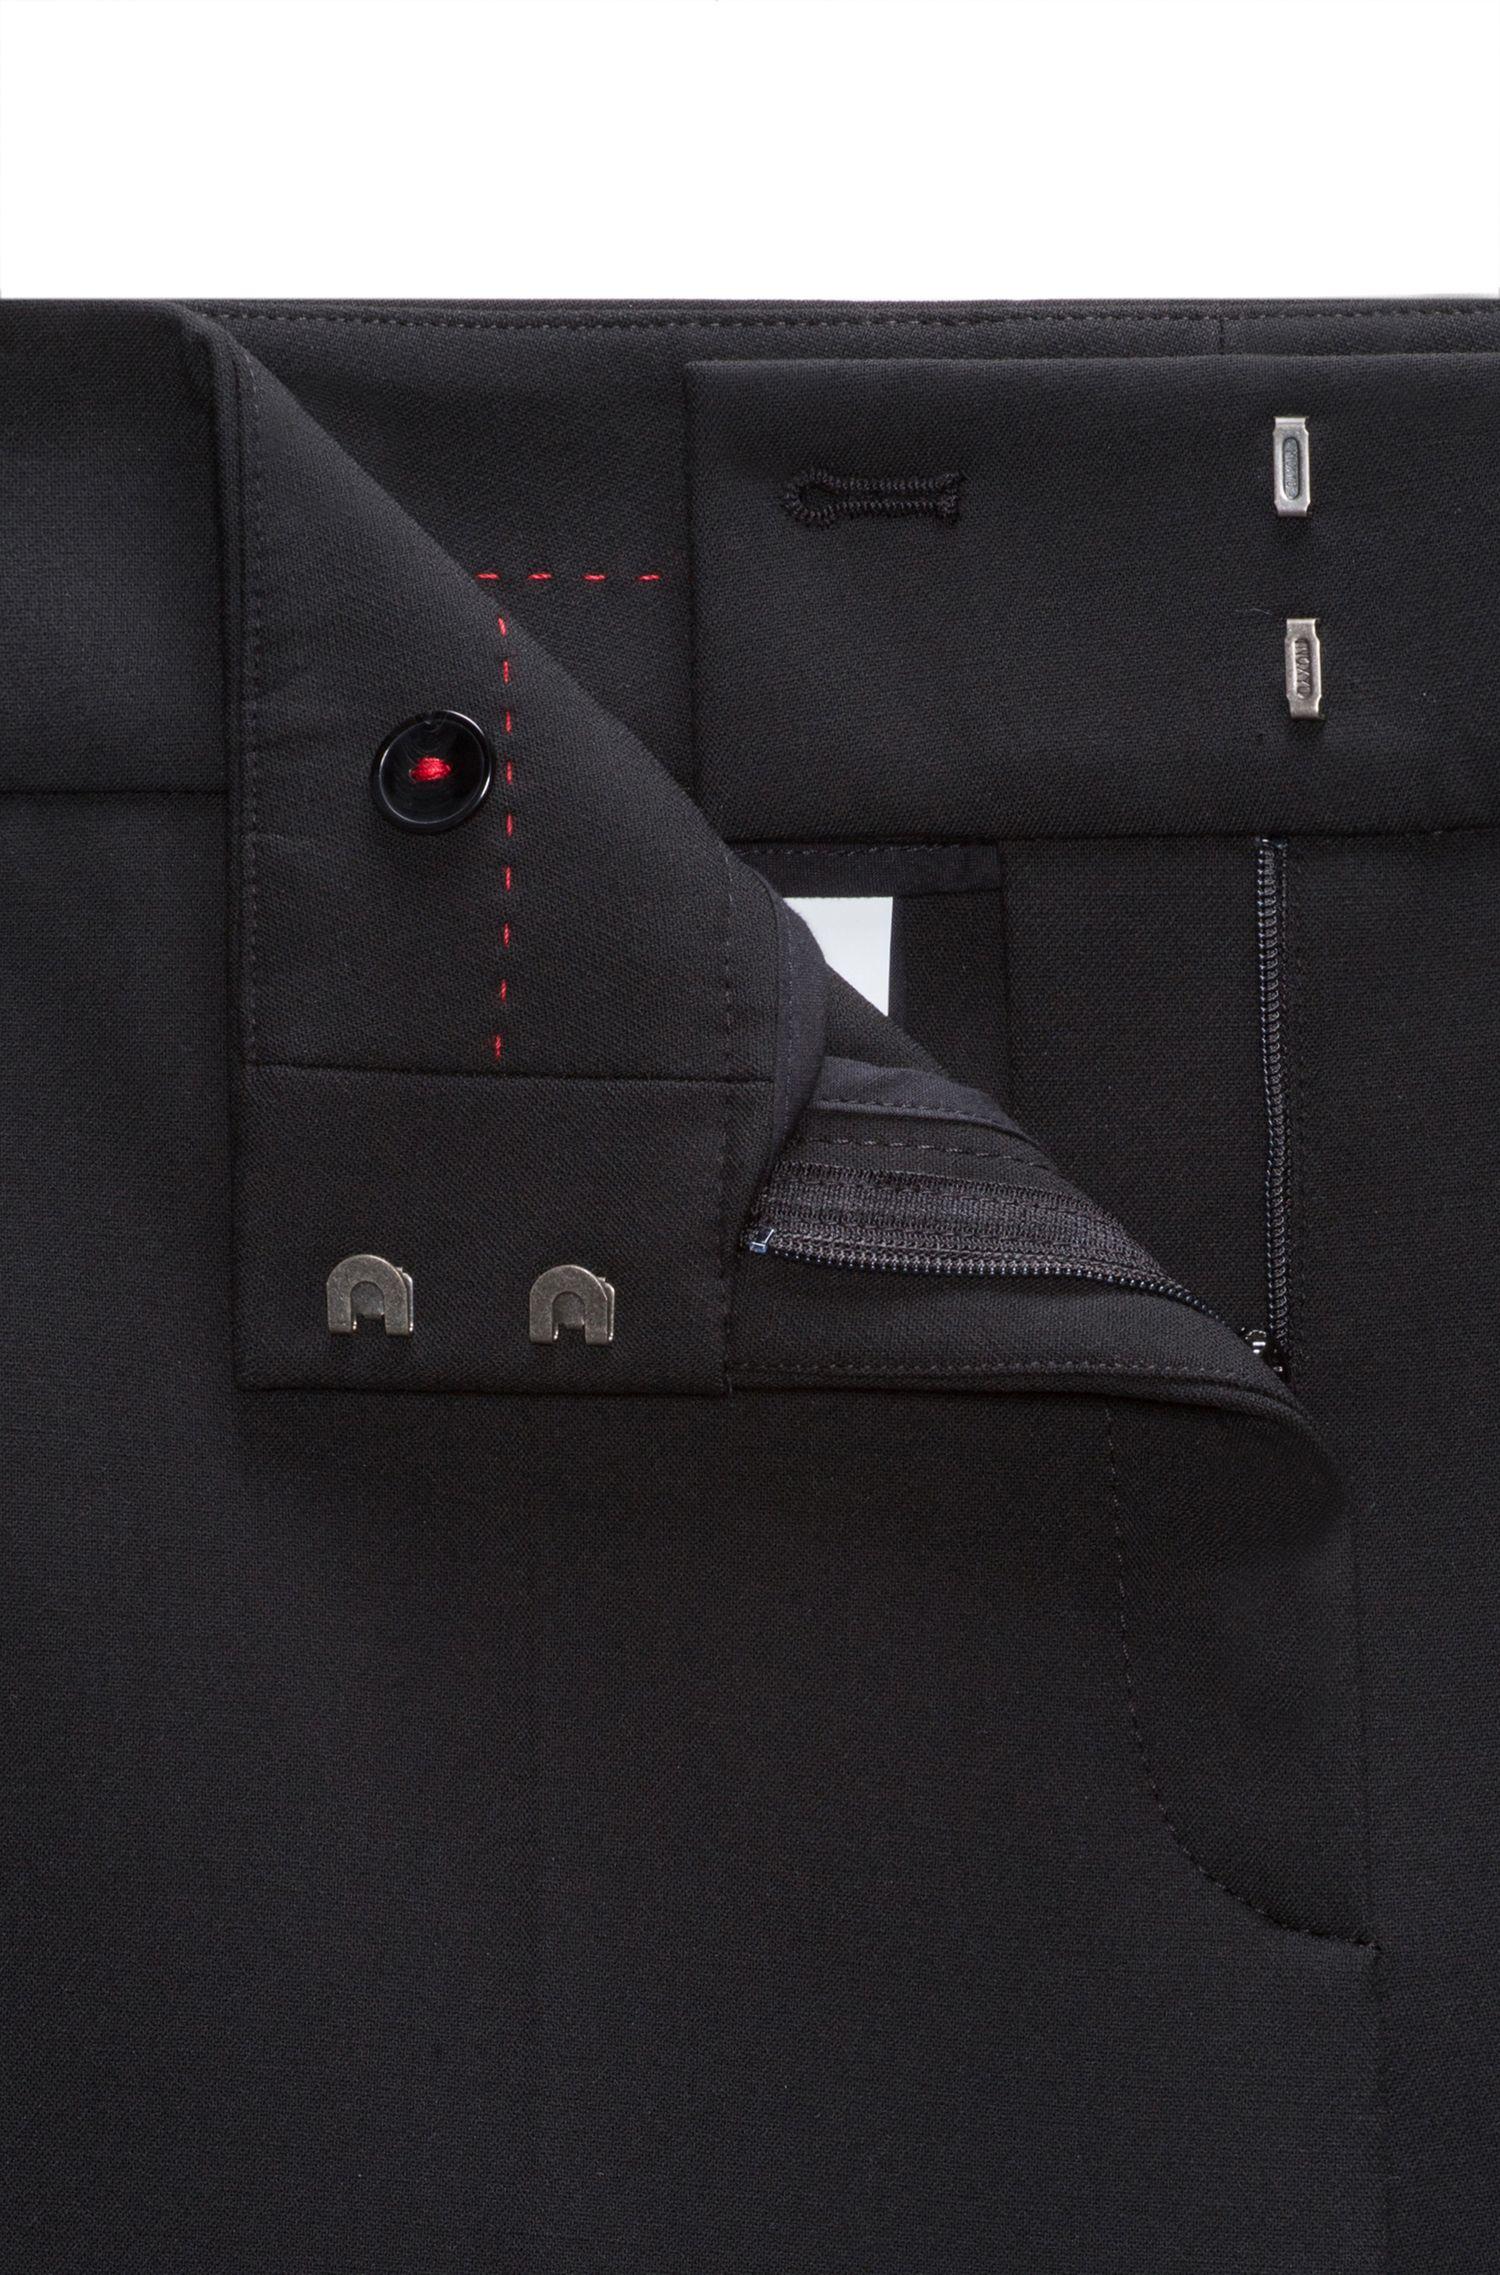 Pantalon Relaxed Fit avec boutons-pression sur les coutures latérales